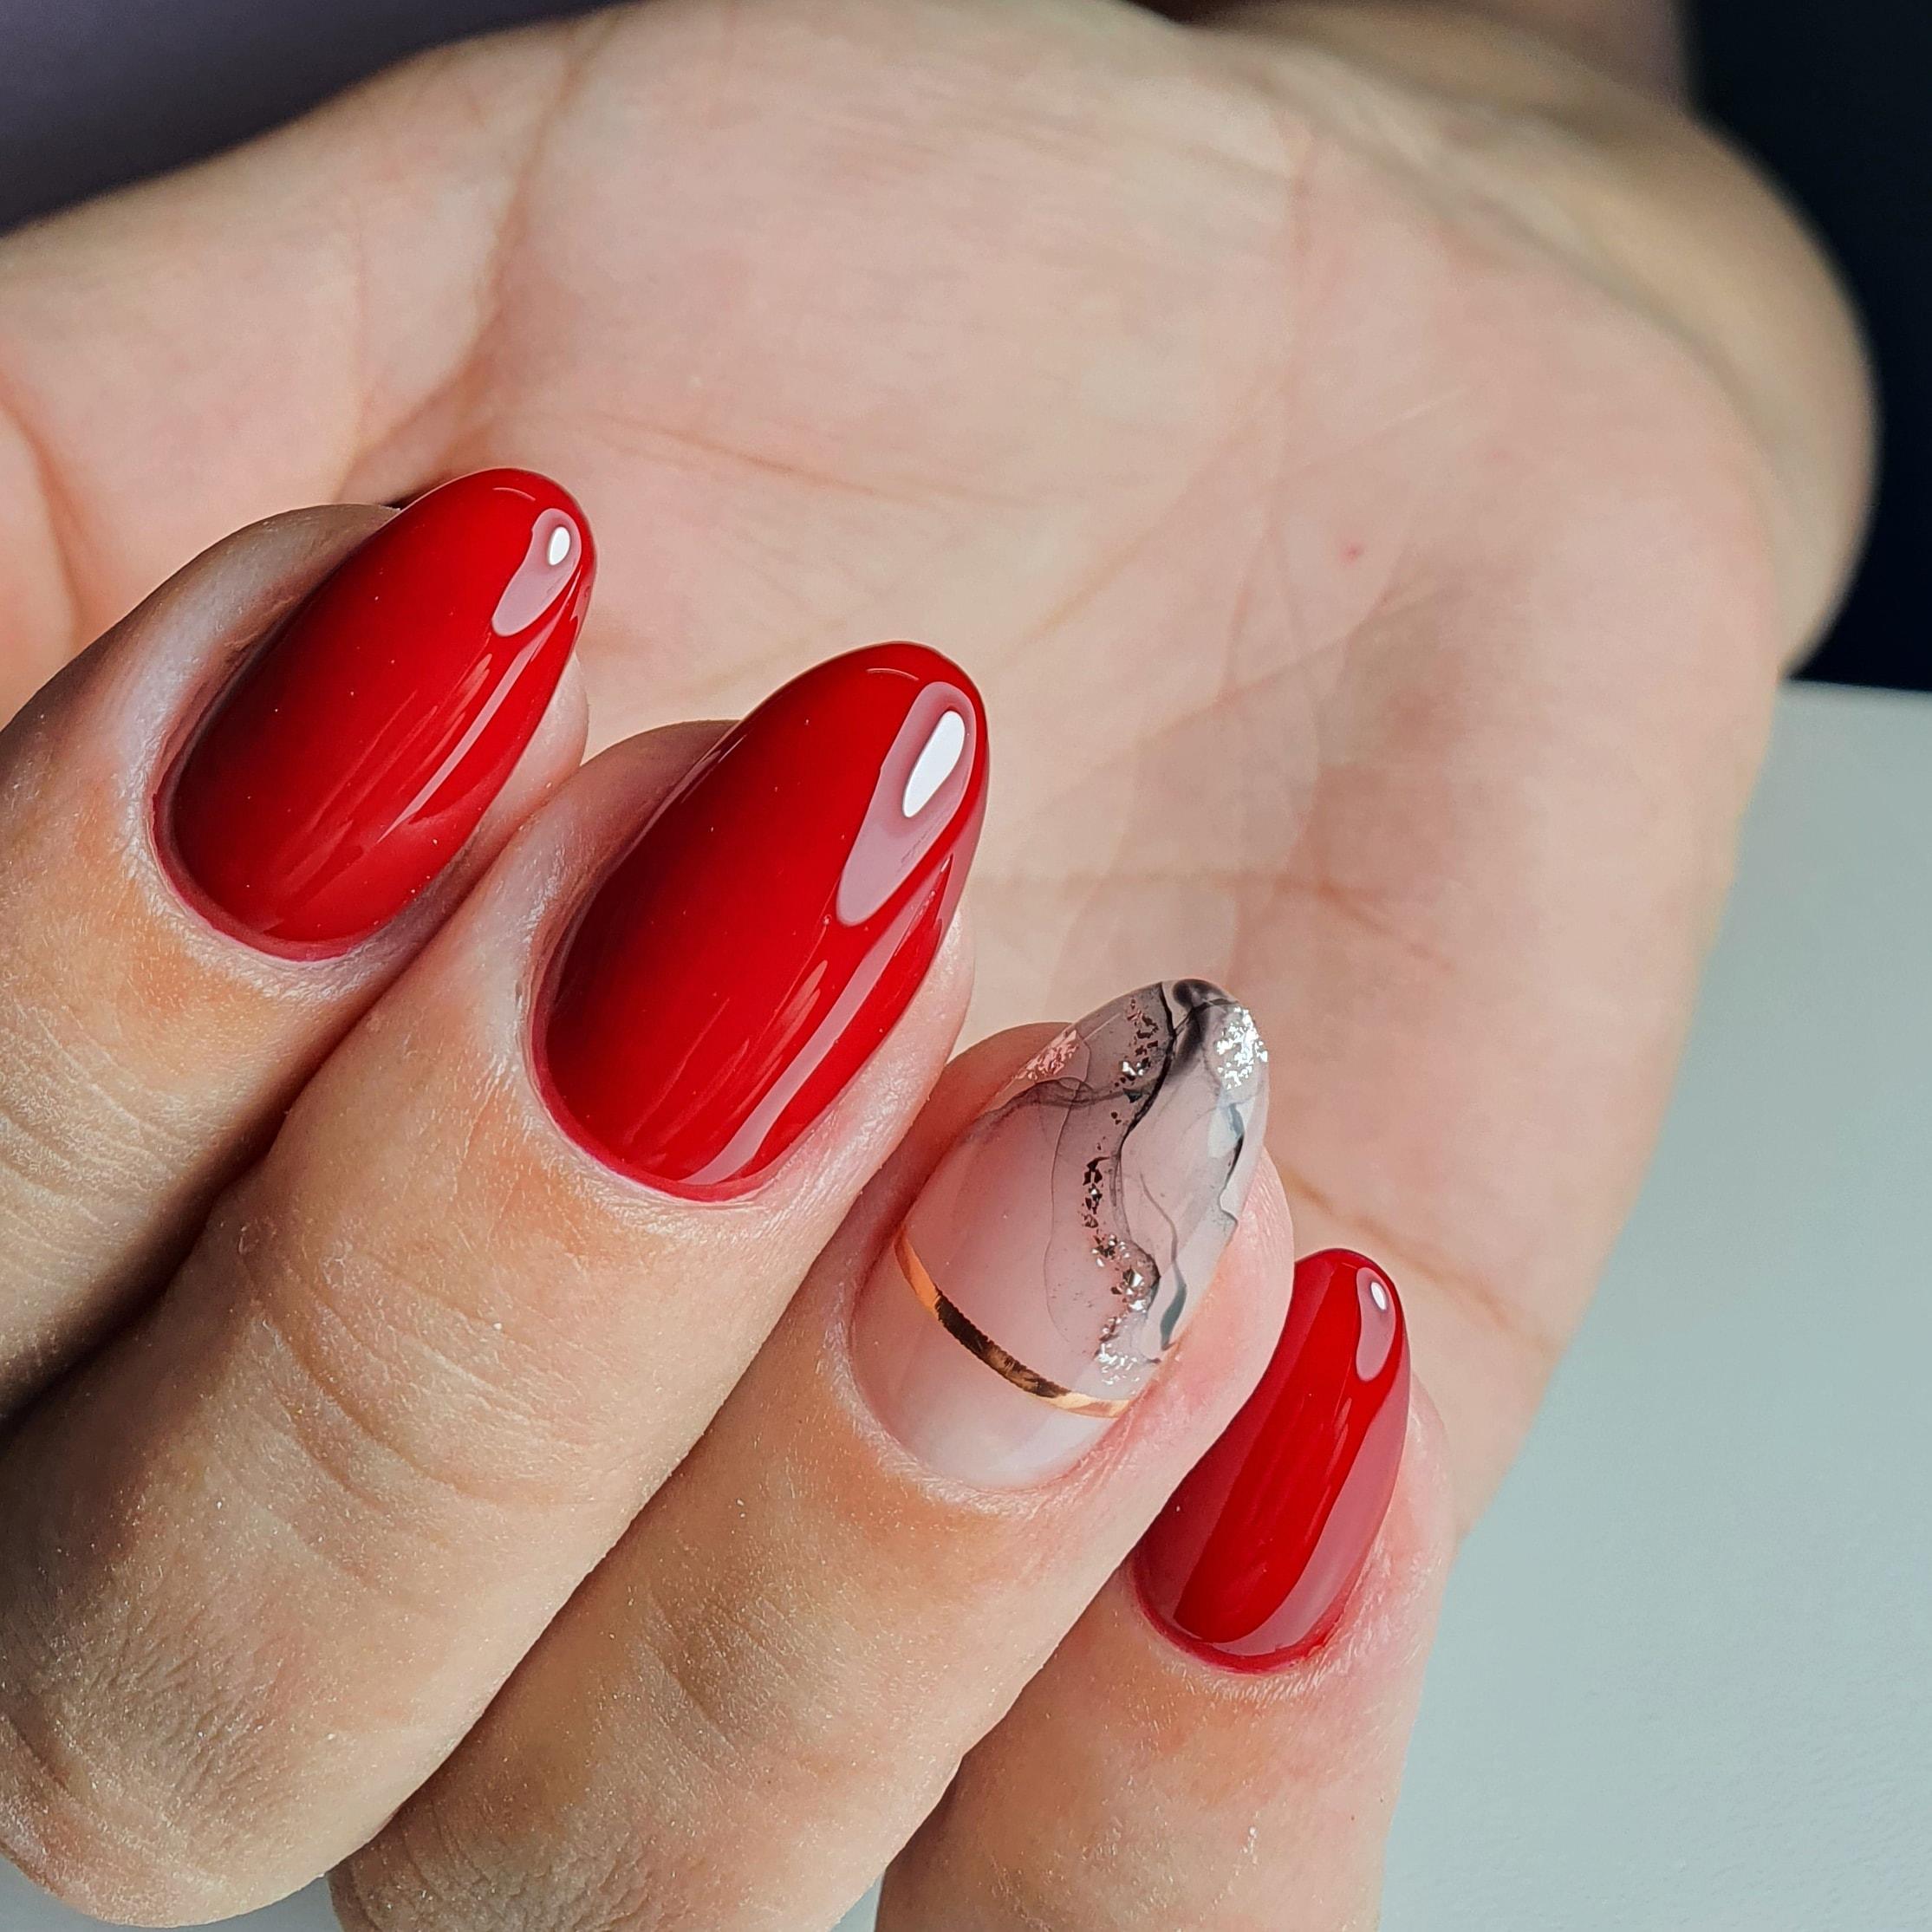 Маникюр с акварельным рисунком и золотыми полосками в красном цвете на короткие ногти.